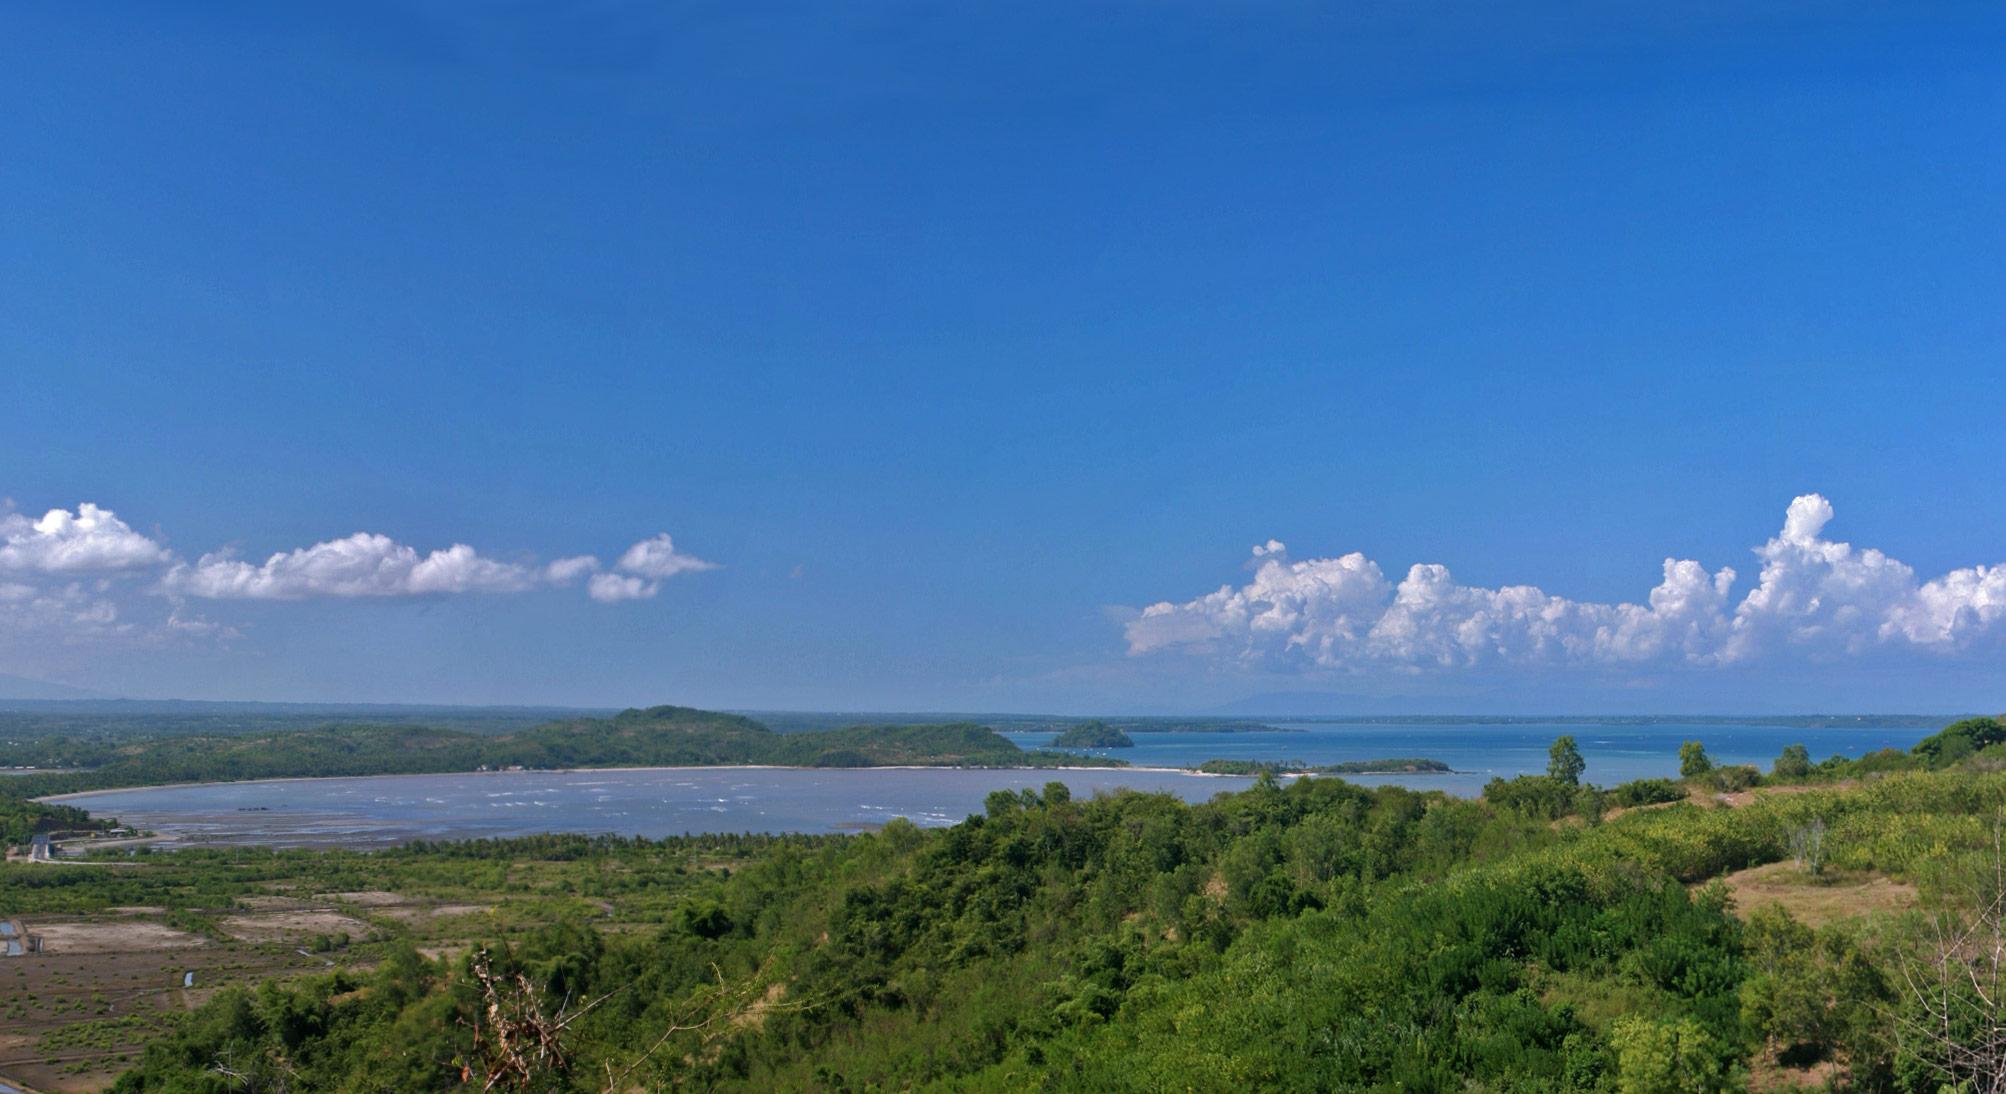 Awang Ocean View